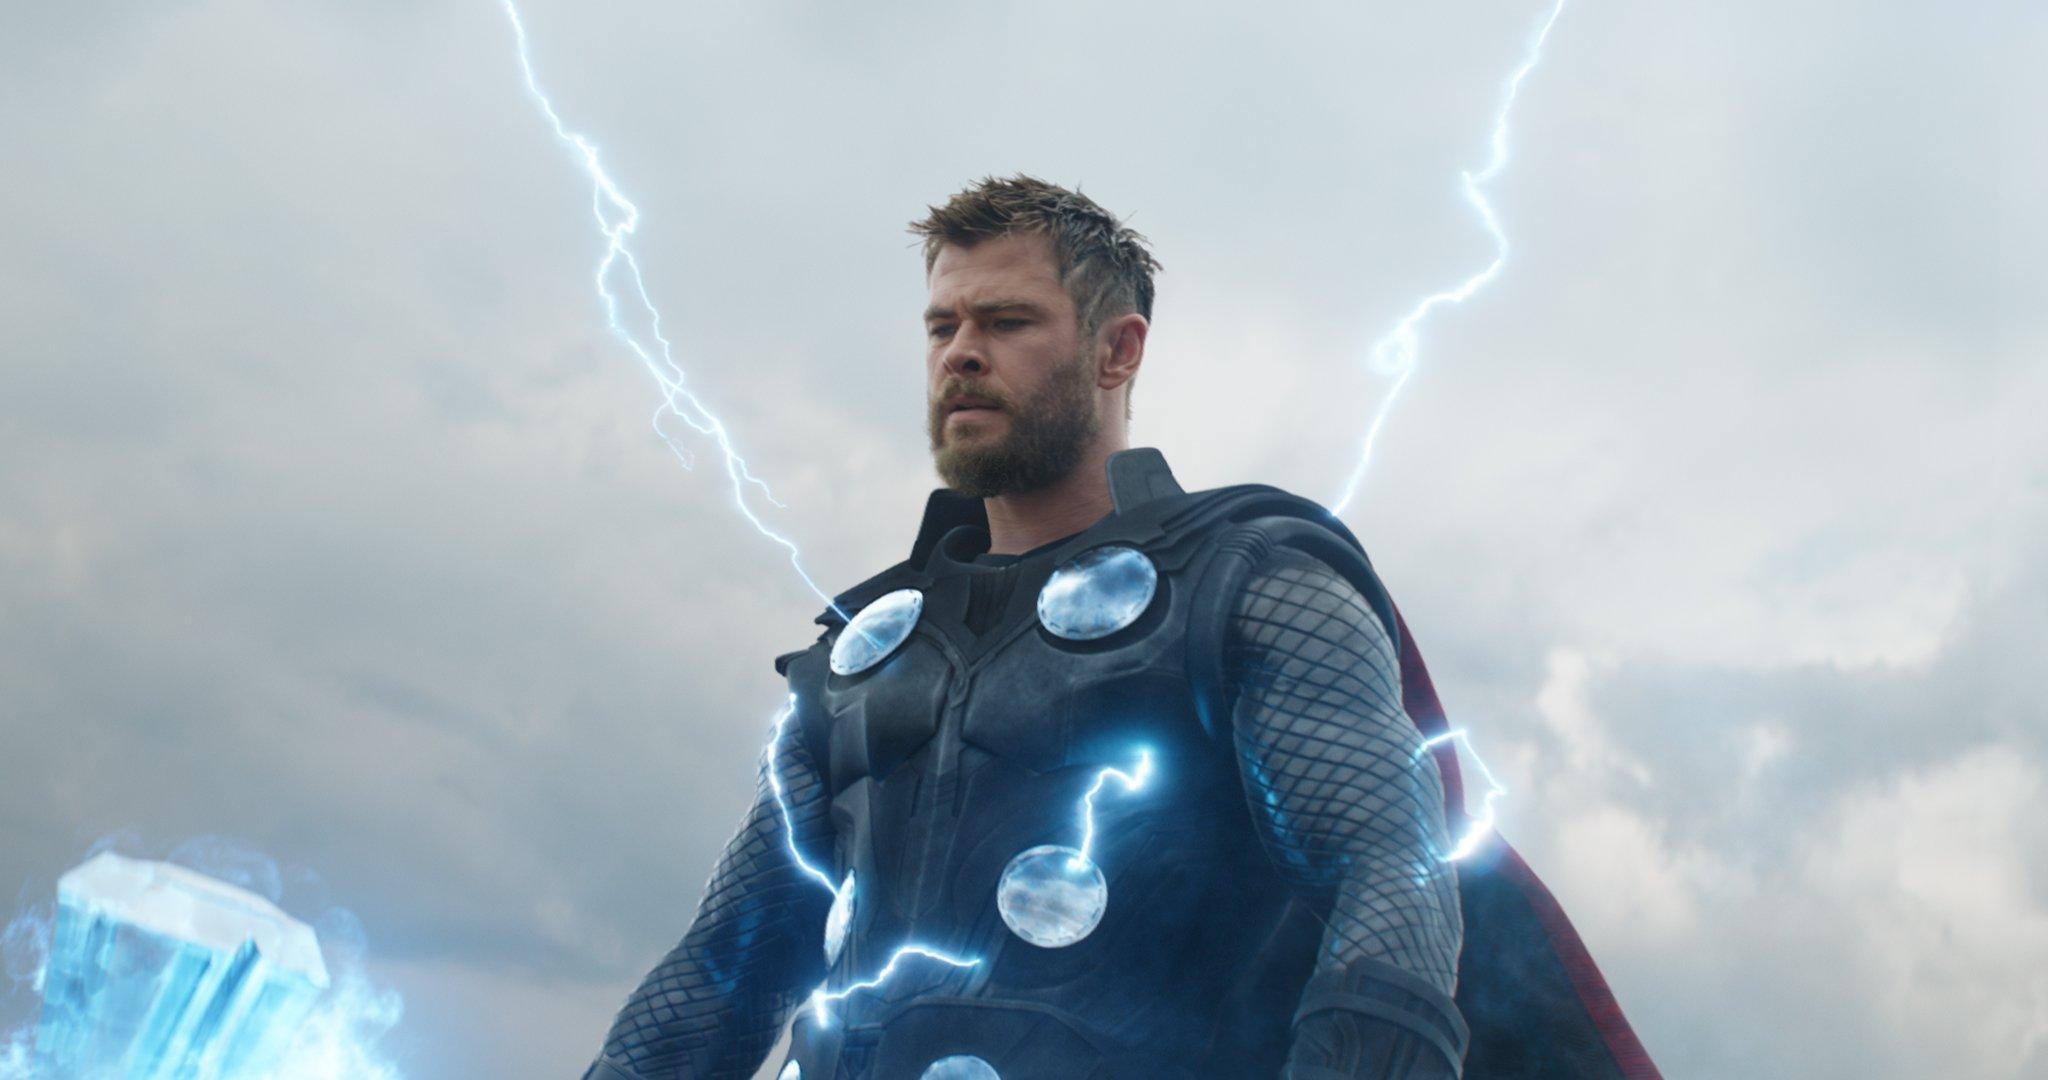 Photo du film Avengers: Endgame avec Thor (Chris Hemsworth)